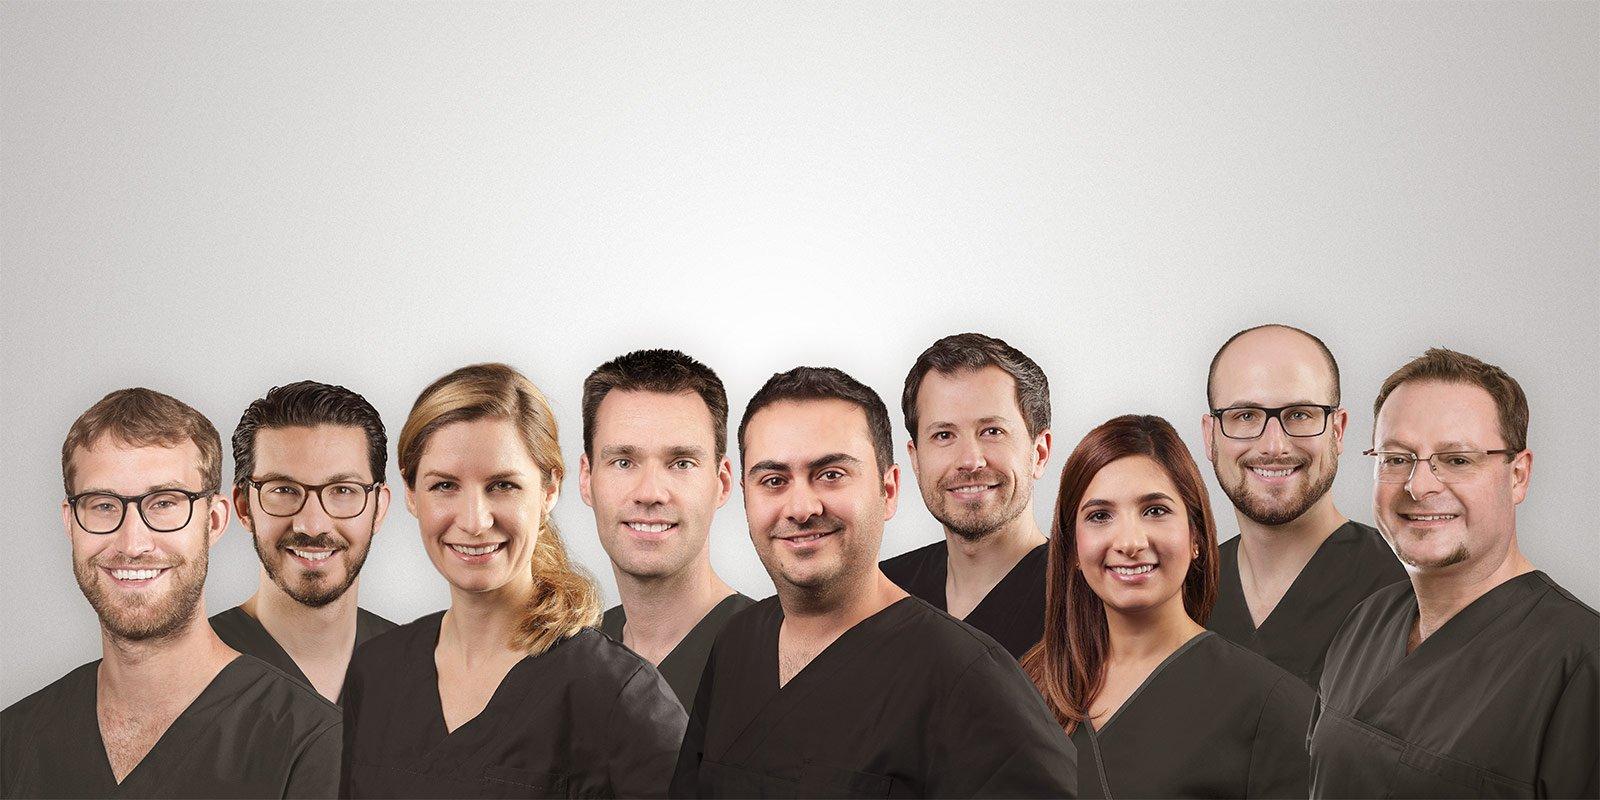 Bild der Lörracher Zahnärzte (Team)